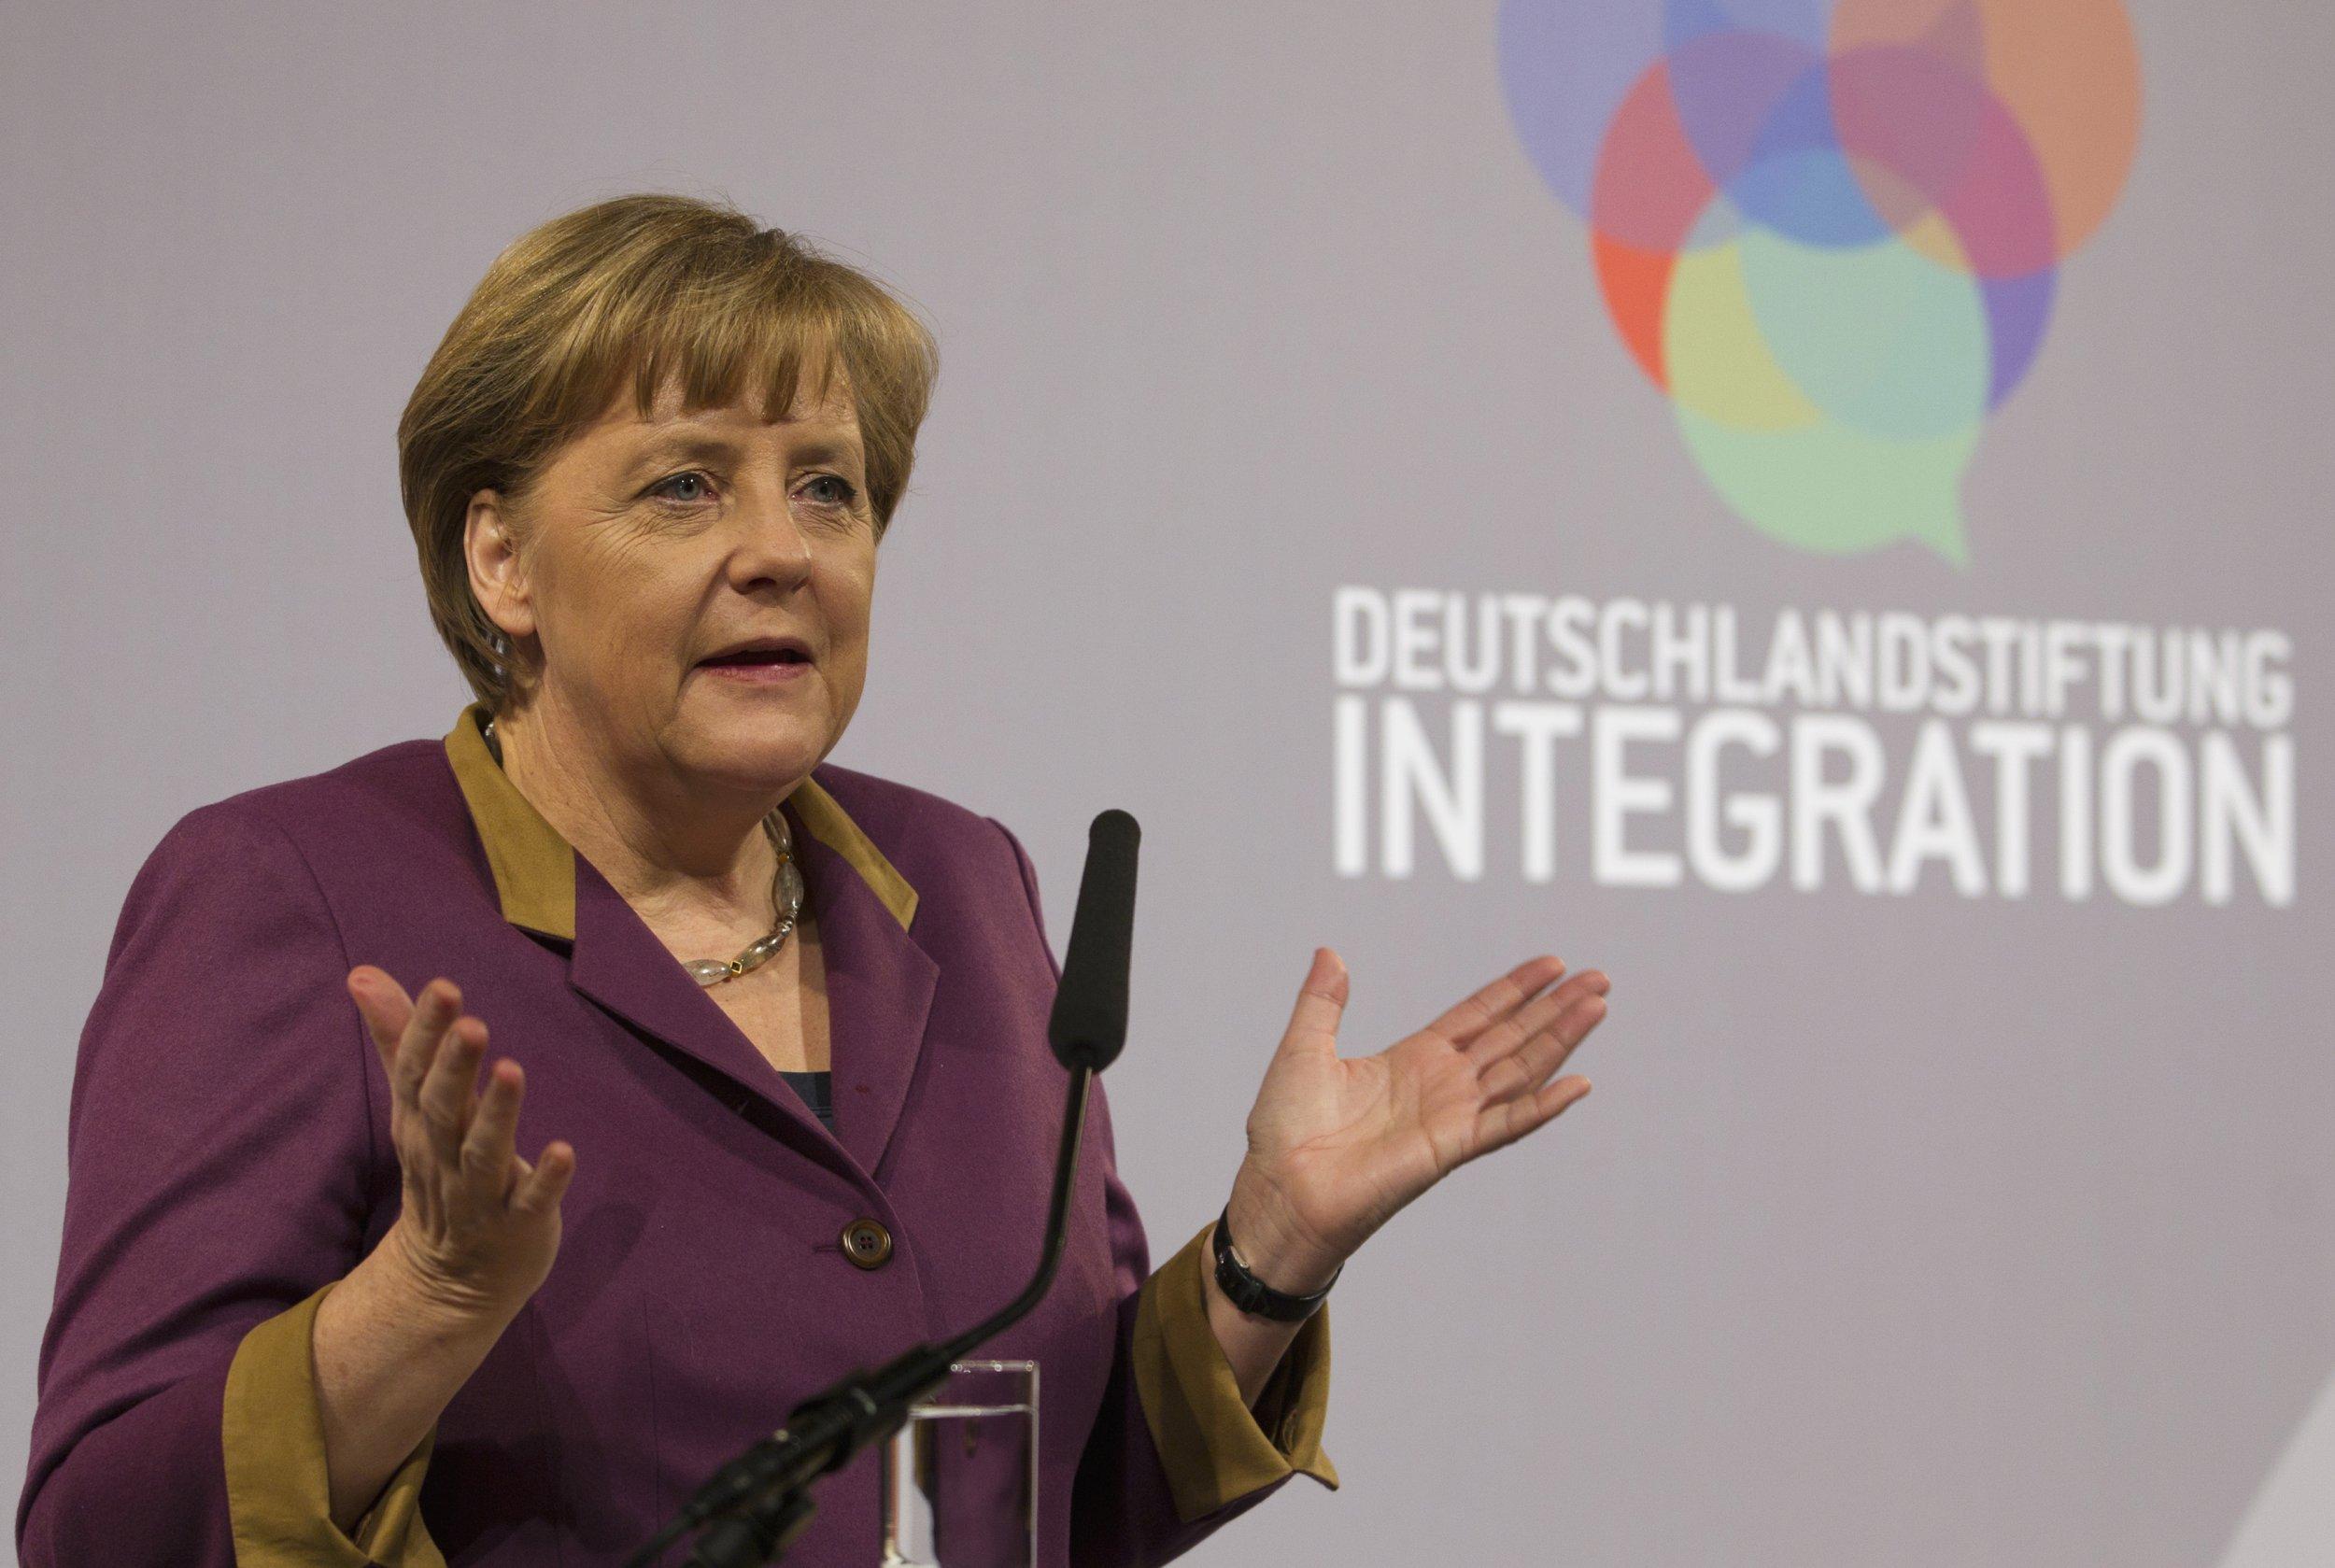 Merkel integration